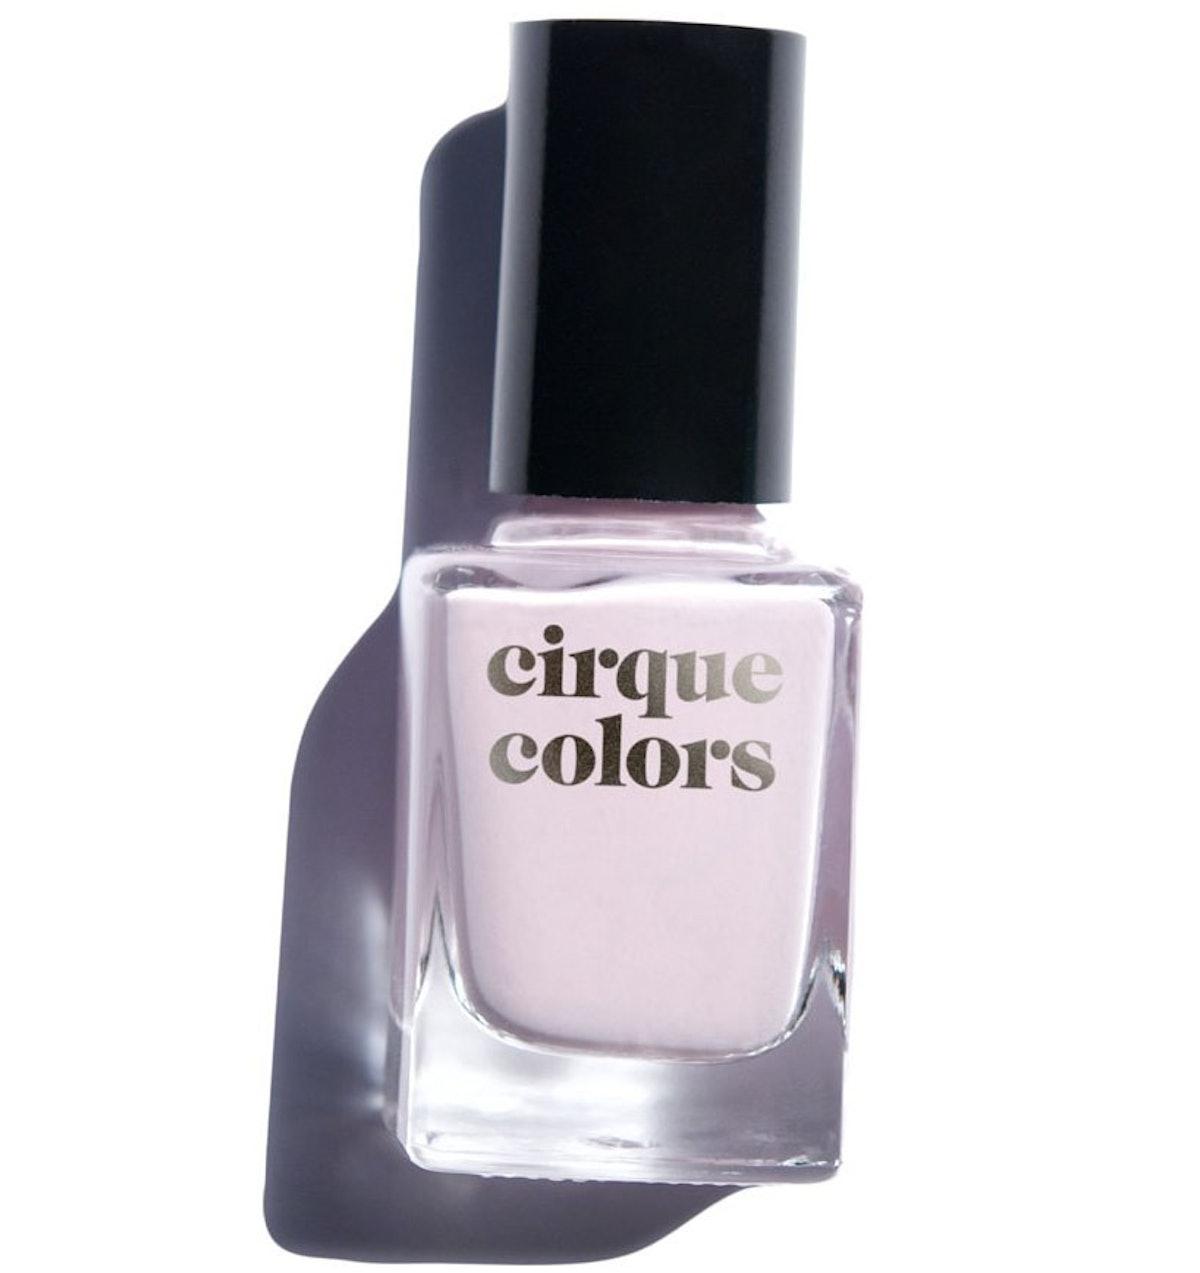 Cirque Colors Crème Nail Polish